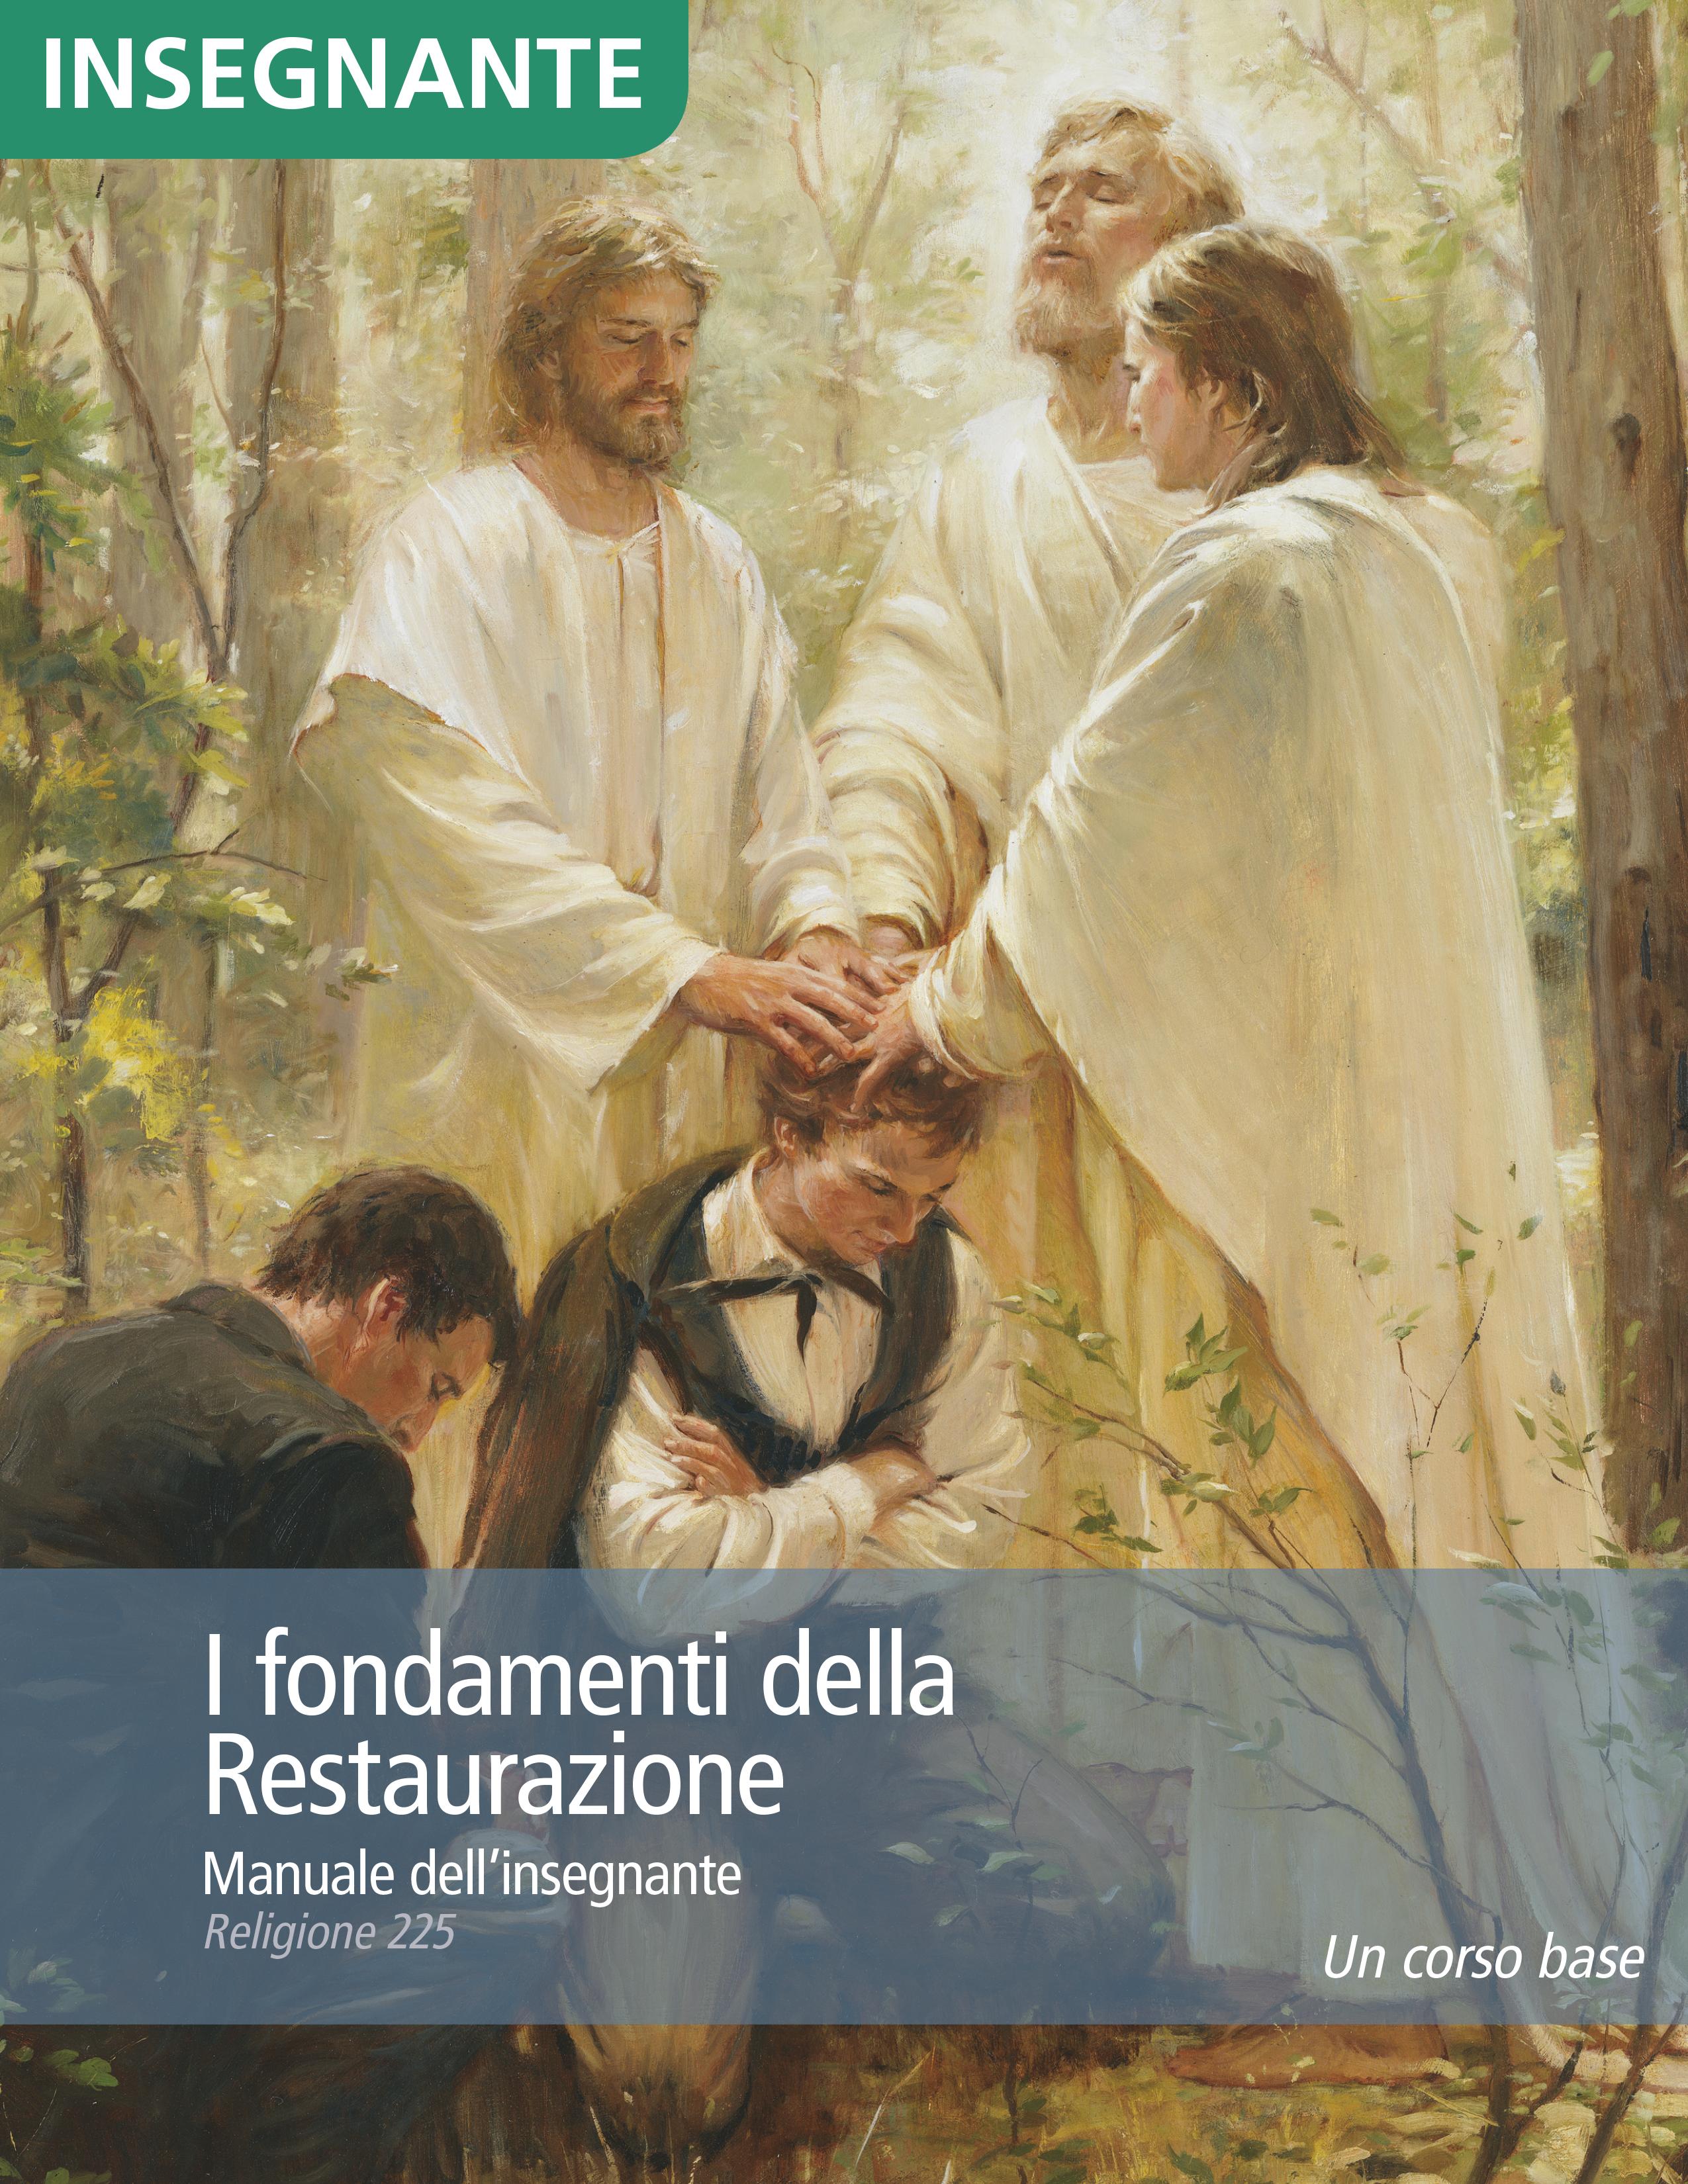 I fondamenti della Restaurazione – Manuale dell'insegnante (Religione 225)